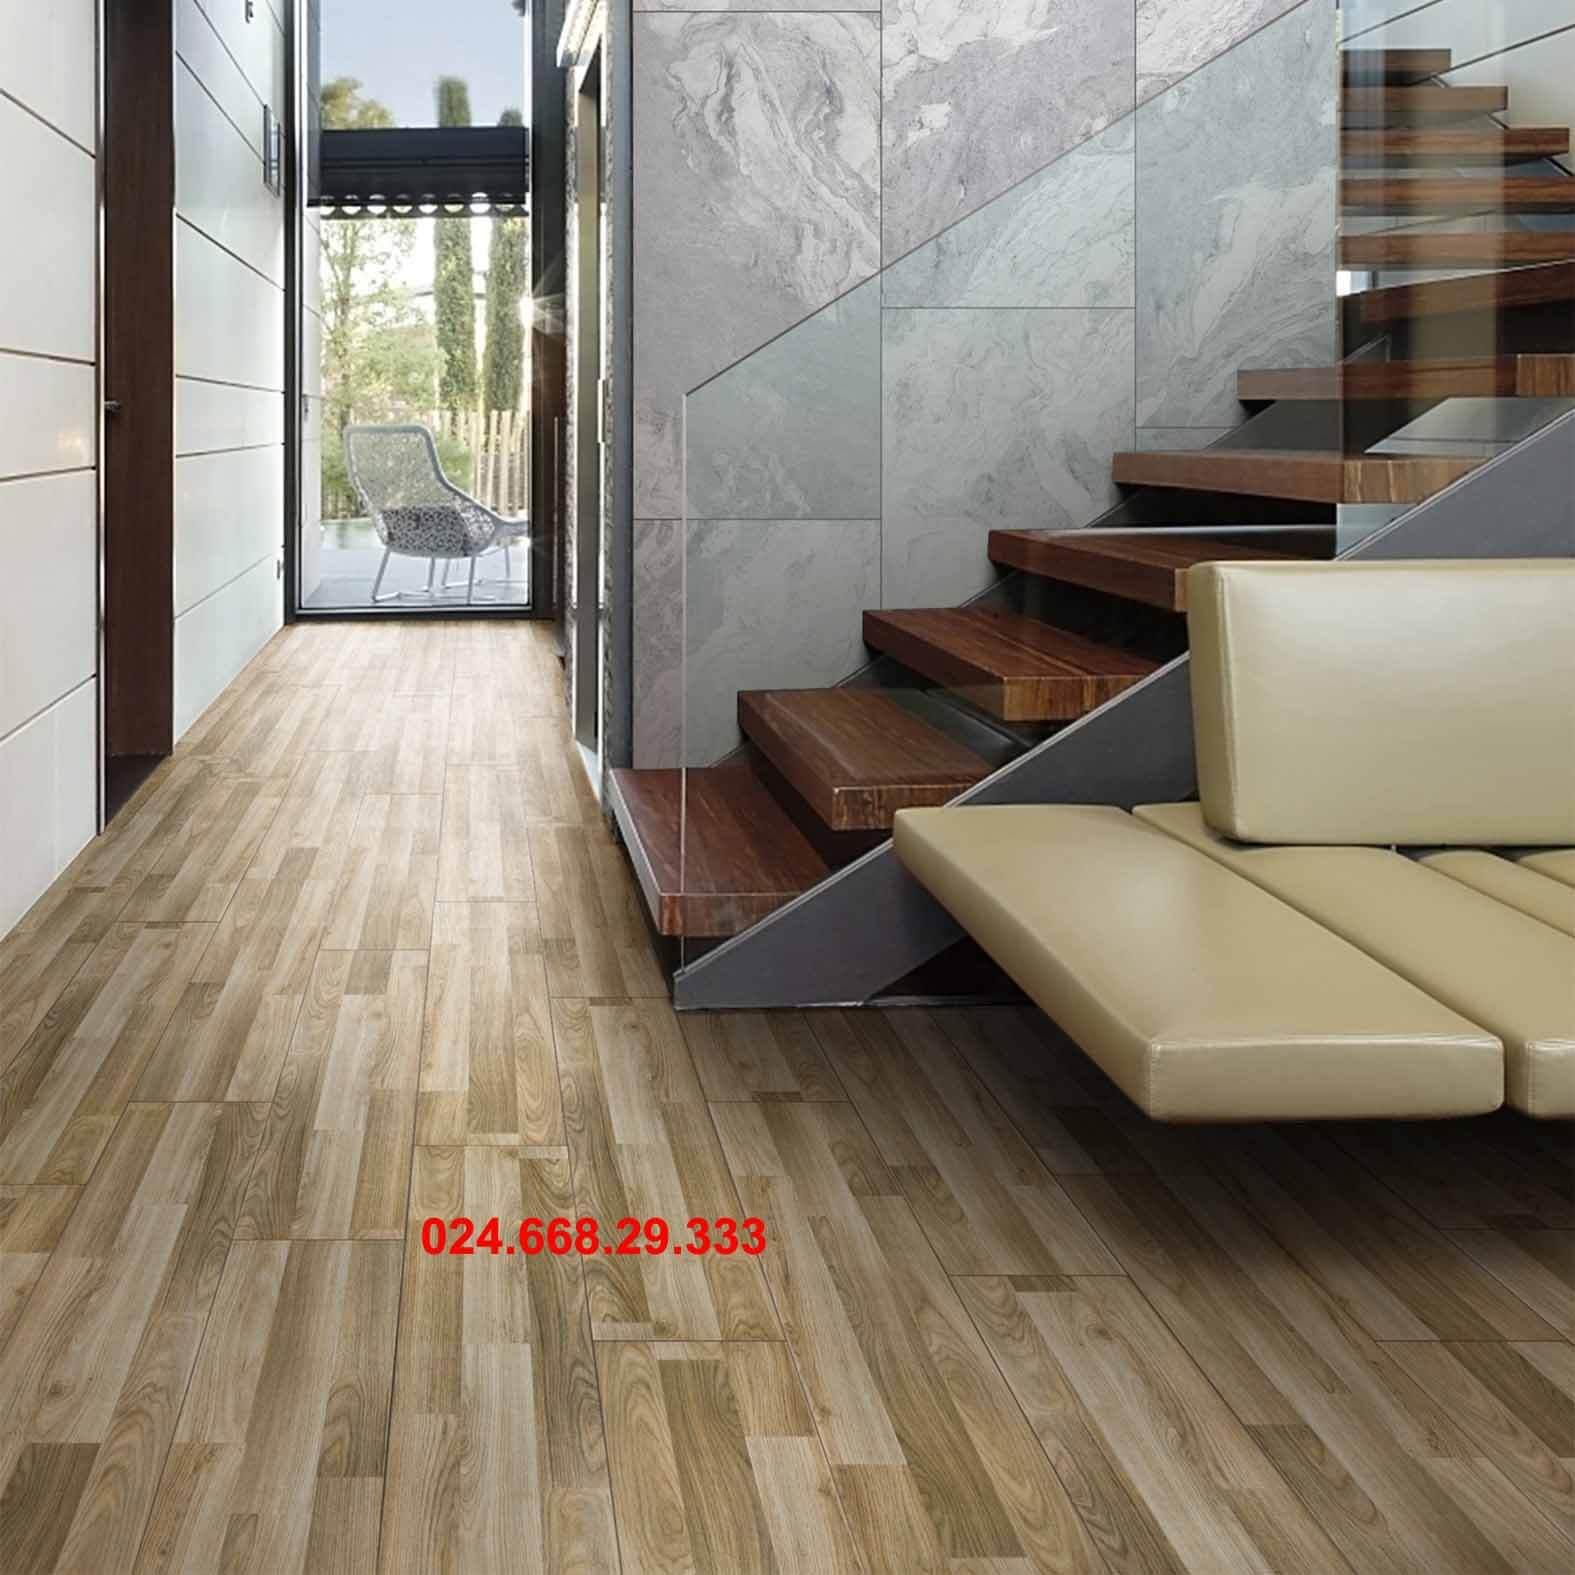 gạch giả gỗ 20x100 mã 2021 lát hành lang phòng chờ